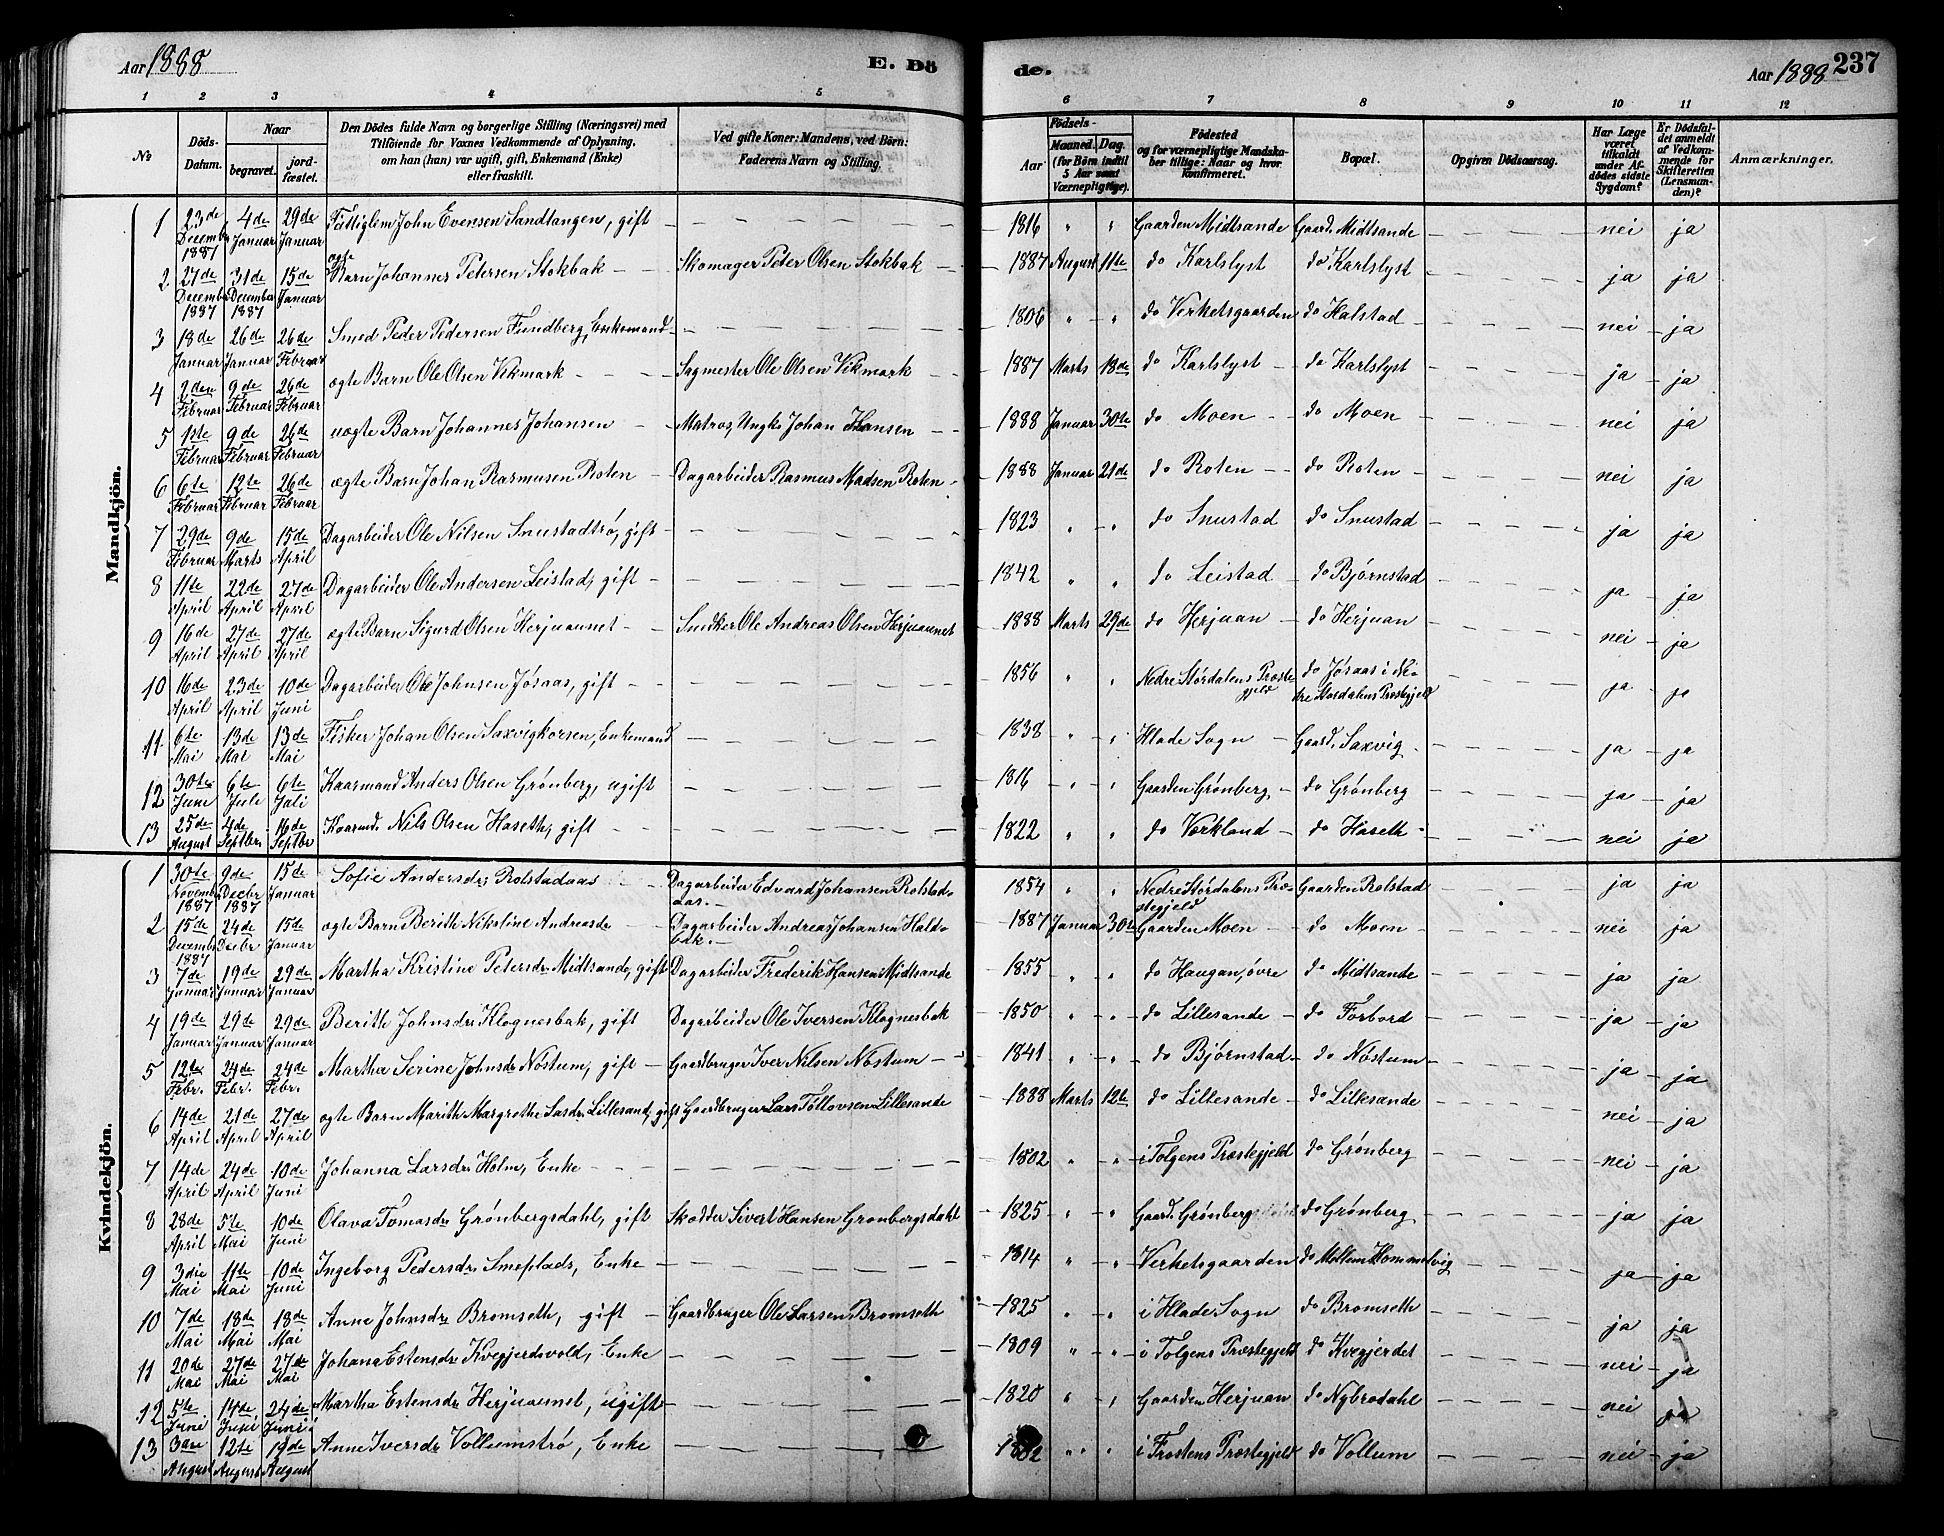 SAT, Ministerialprotokoller, klokkerbøker og fødselsregistre - Sør-Trøndelag, 616/L0423: Klokkerbok nr. 616C06, 1878-1903, s. 237